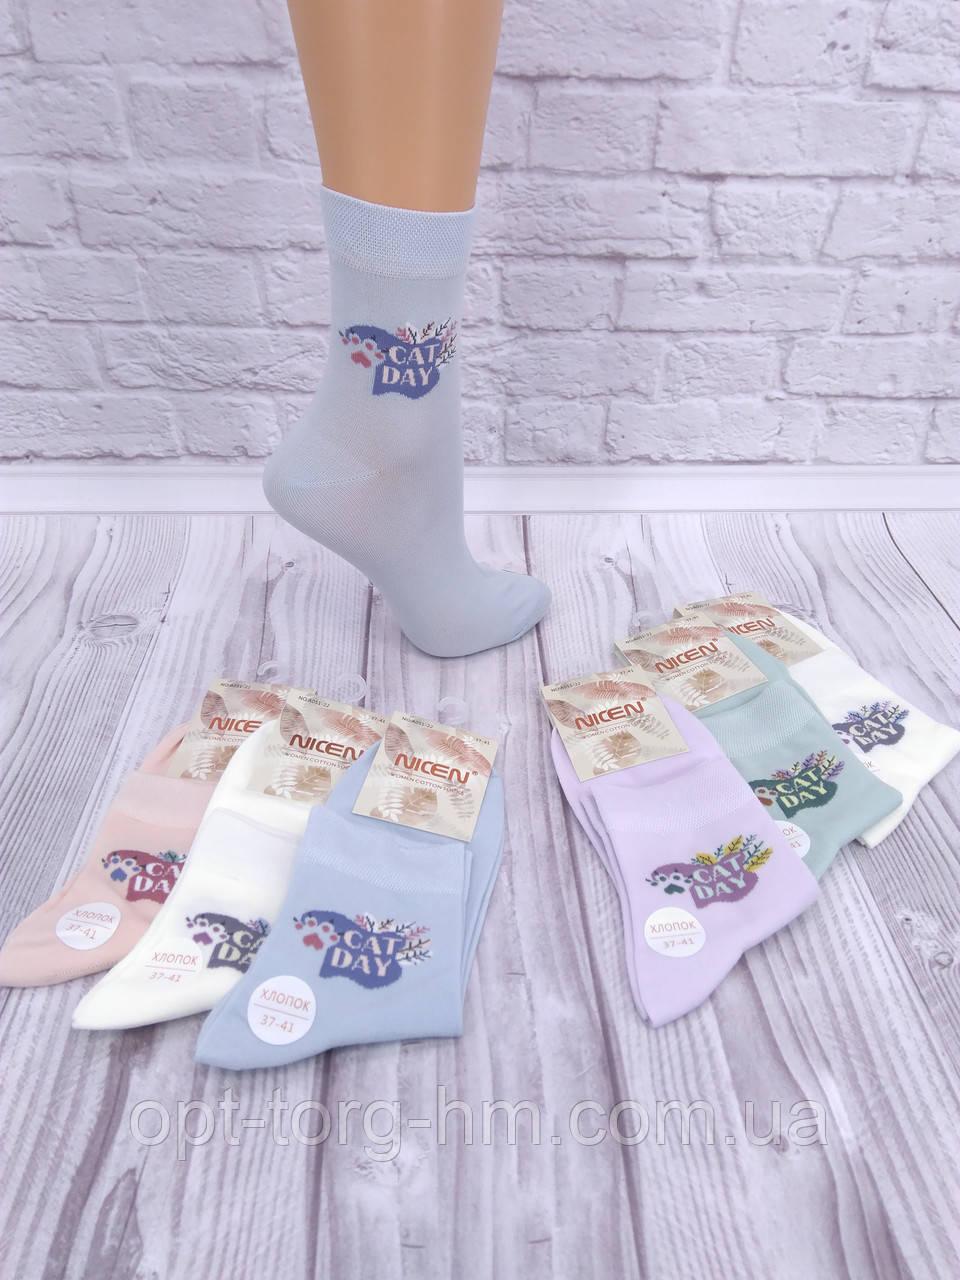 """Шкарпетки жіночі """"Nicen"""" (37-41р.р.)"""